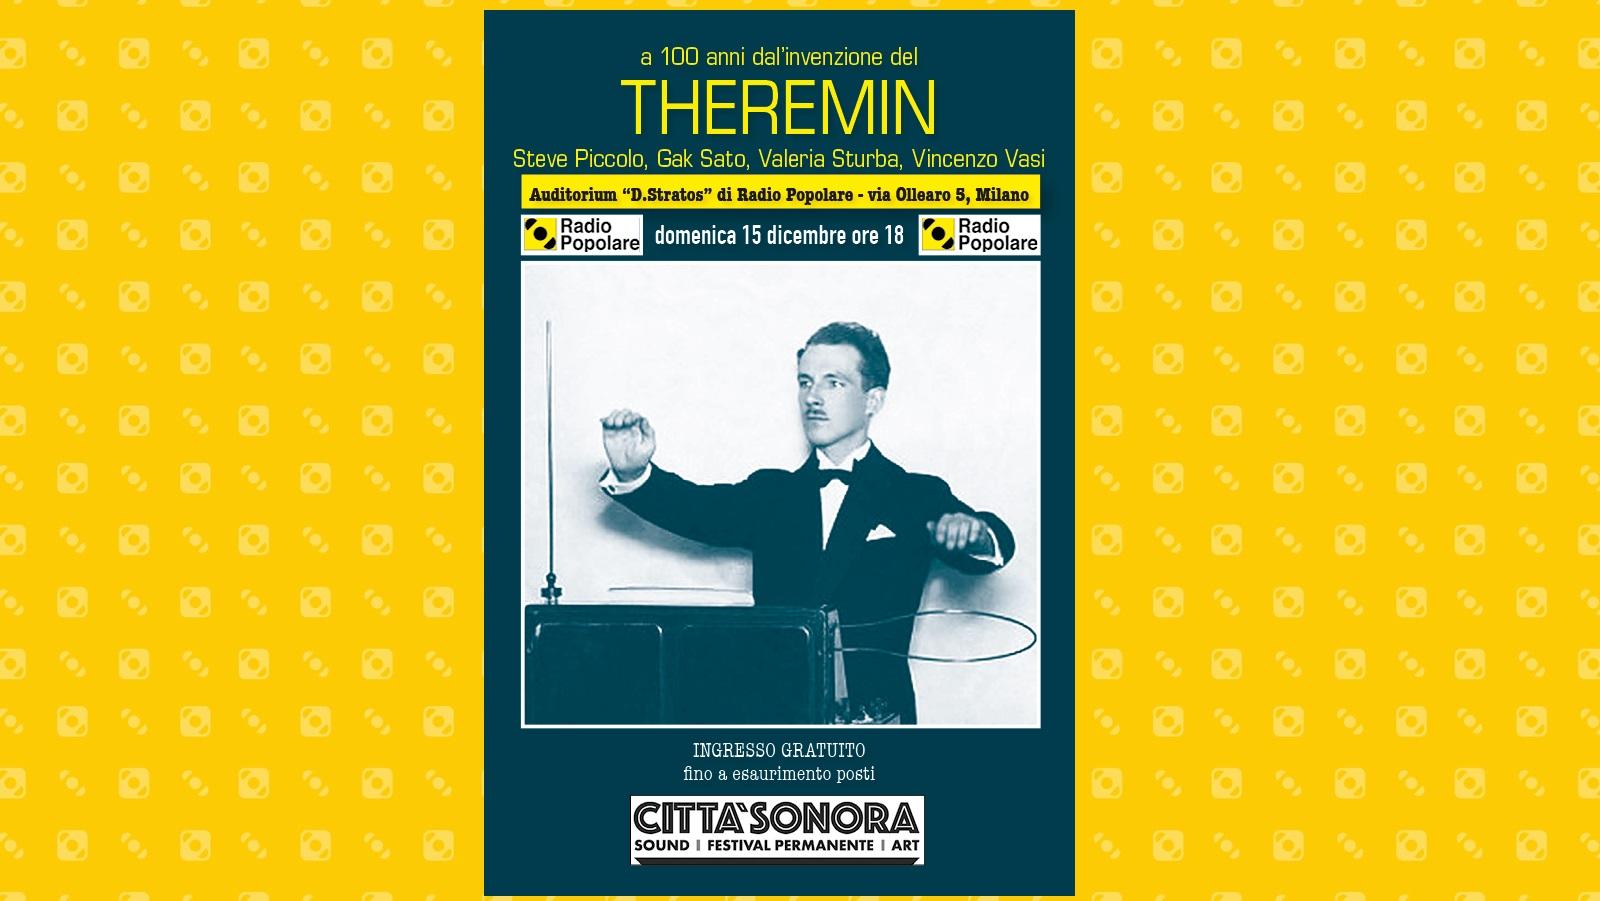 Serata Theremin -  Domenica 15 dicembre ore 18.00 Auditorium Demetrio Stratos